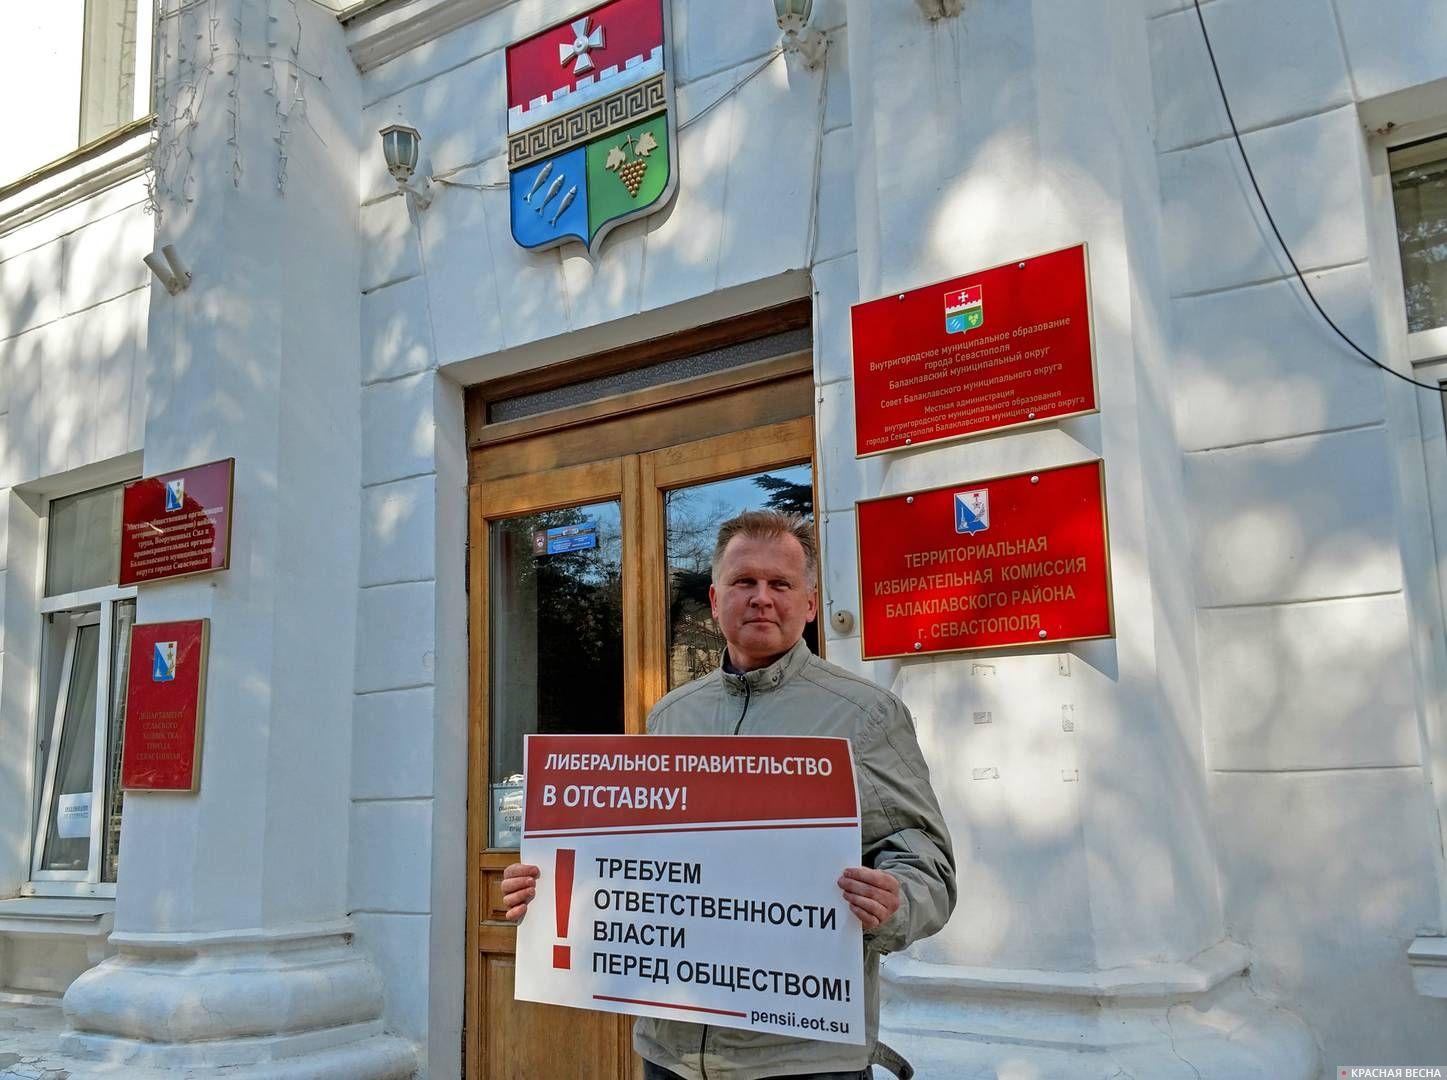 Одиночный пикет за отмену пенсионной реформы возле администрации Балаклавского муниципального округа города Севастополя. 03.04.2019